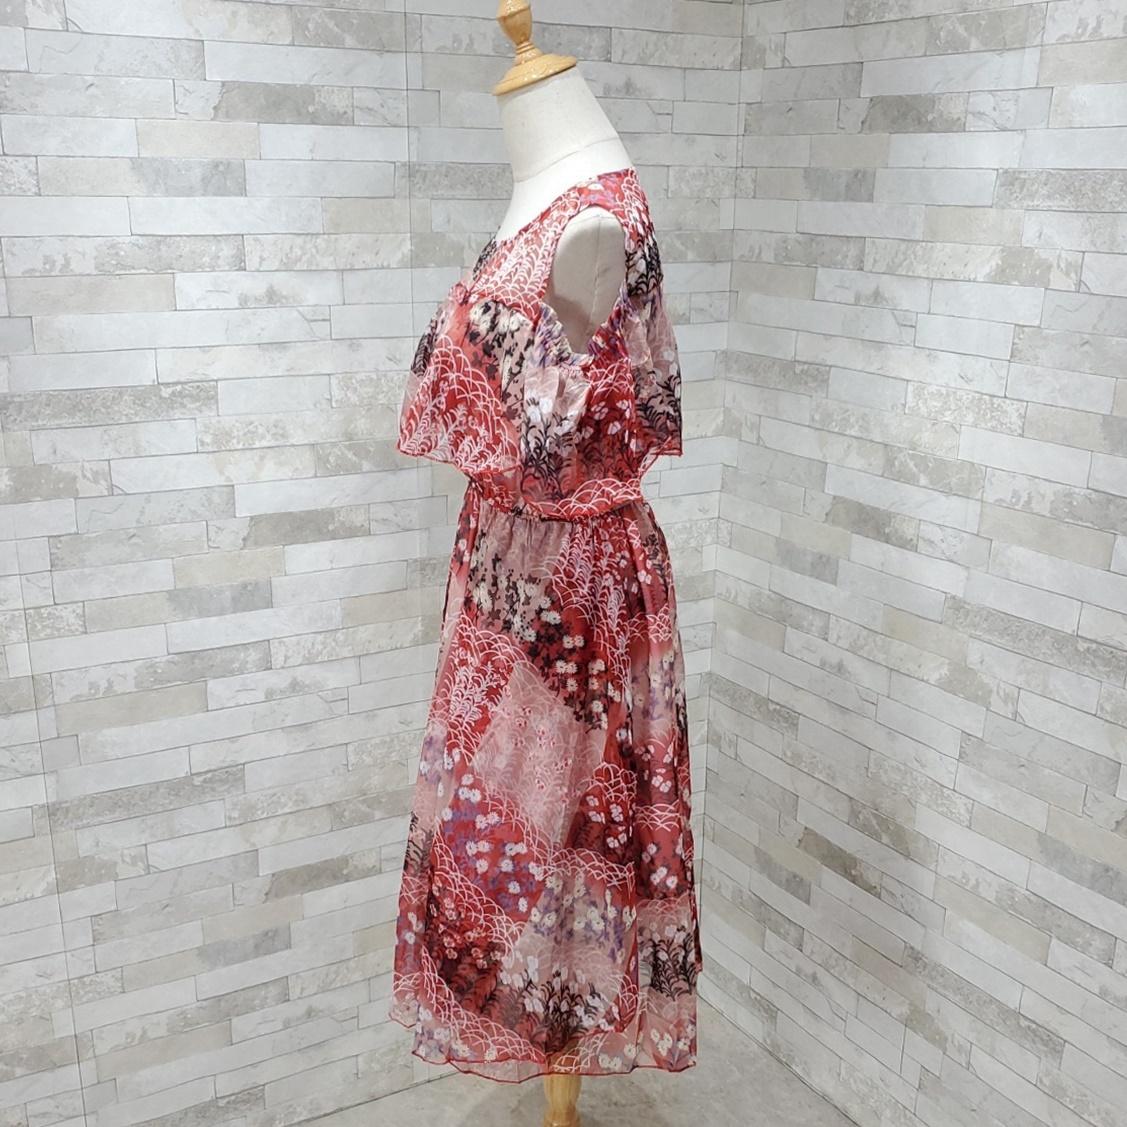 韓国 ファッション ワンピース 春 夏 カジュアル PTXH964  シアー オフショルダー風 フレアトップ 肩見せ オルチャン シンプル 定番 セレカジの写真5枚目